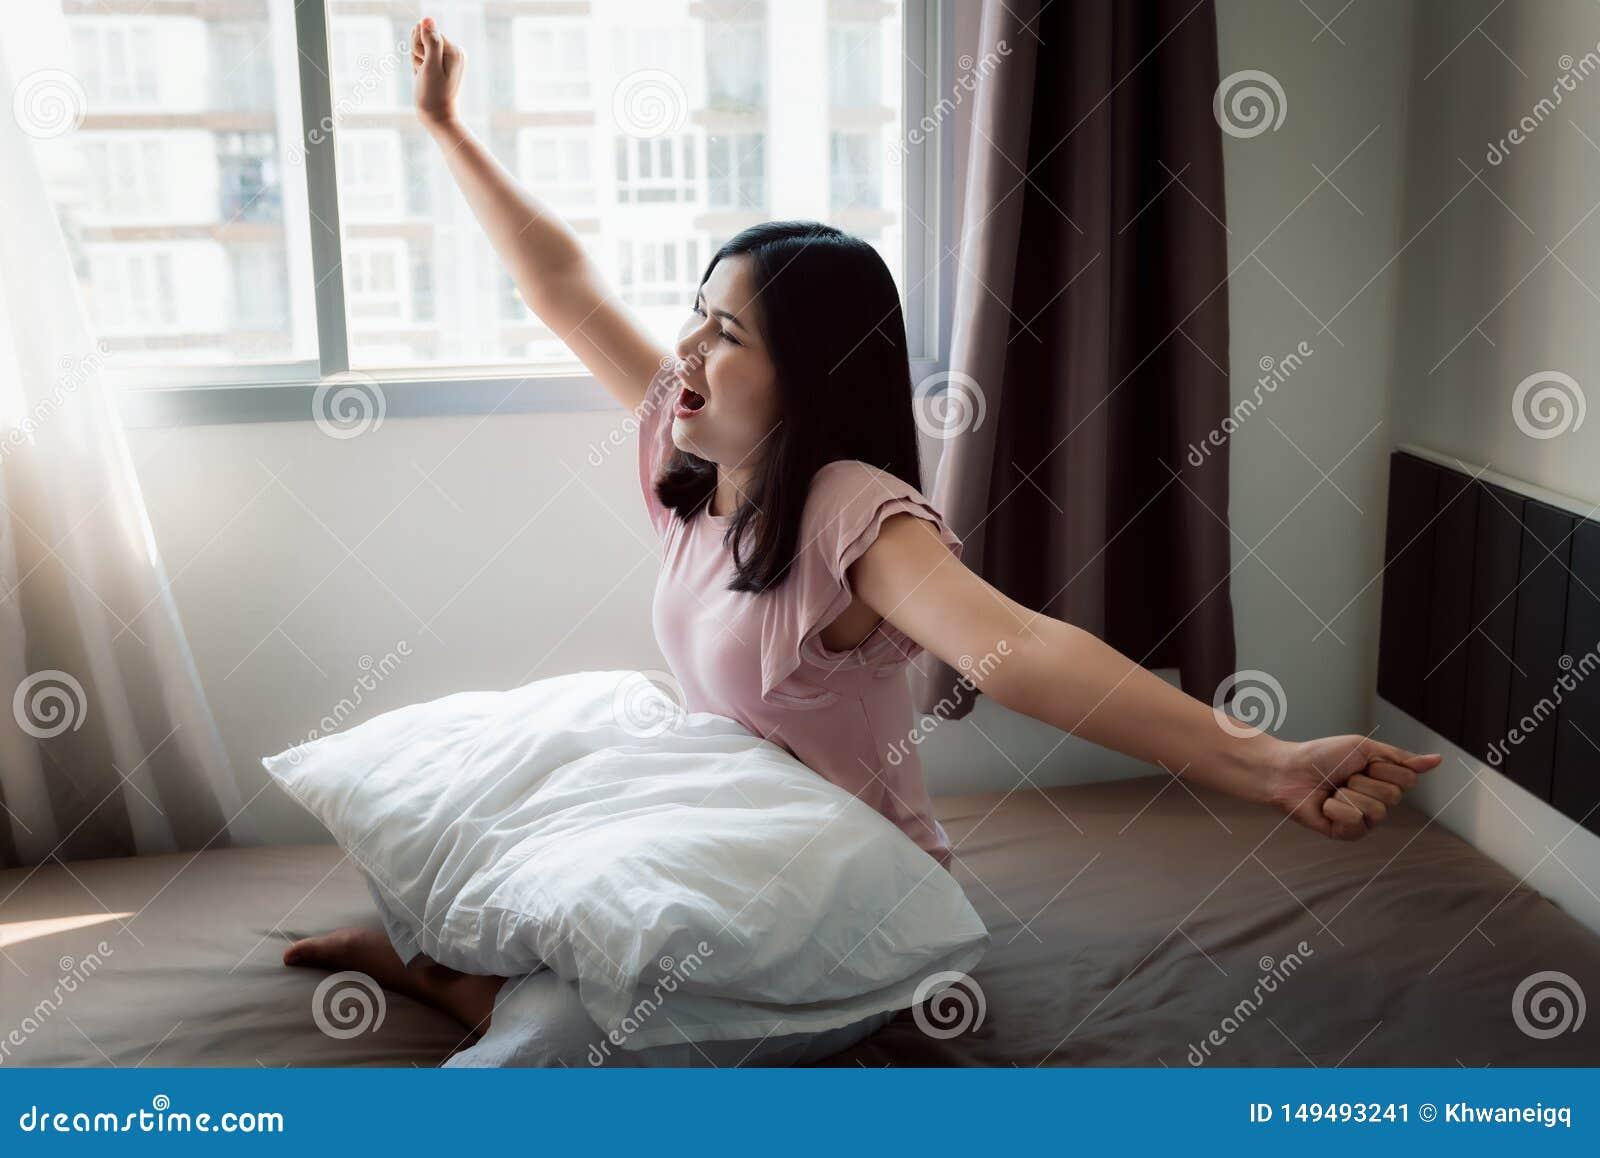 Το πορτρέτο της ασιατικής γυναίκας τεντώνει τα χέρια της στην κρεβατοκάμαρα μετά από ξυπνήστε, την υγειονομική περίθαλψη και την